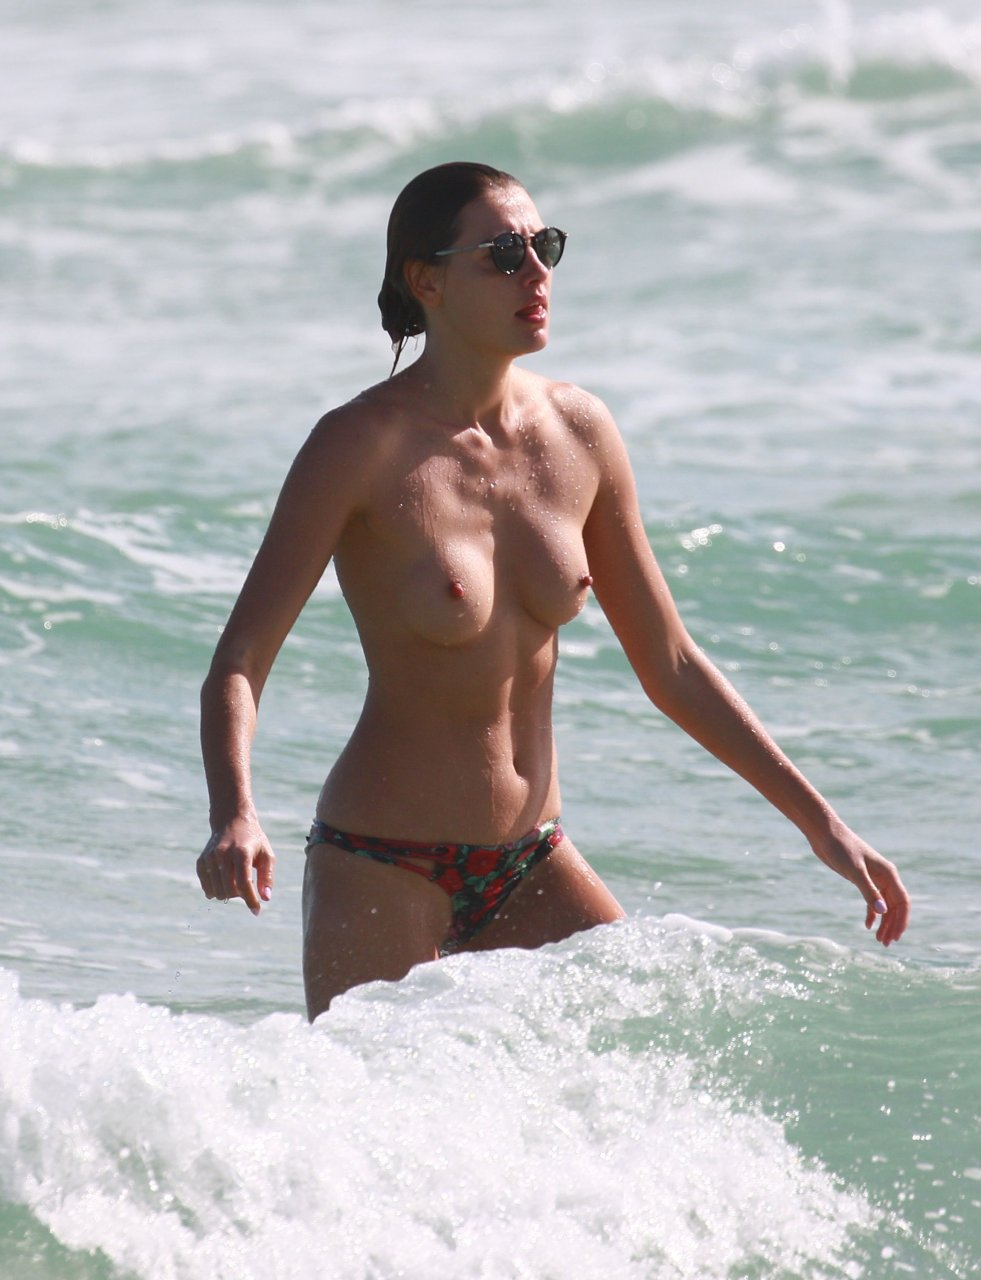 Image fap alina naked